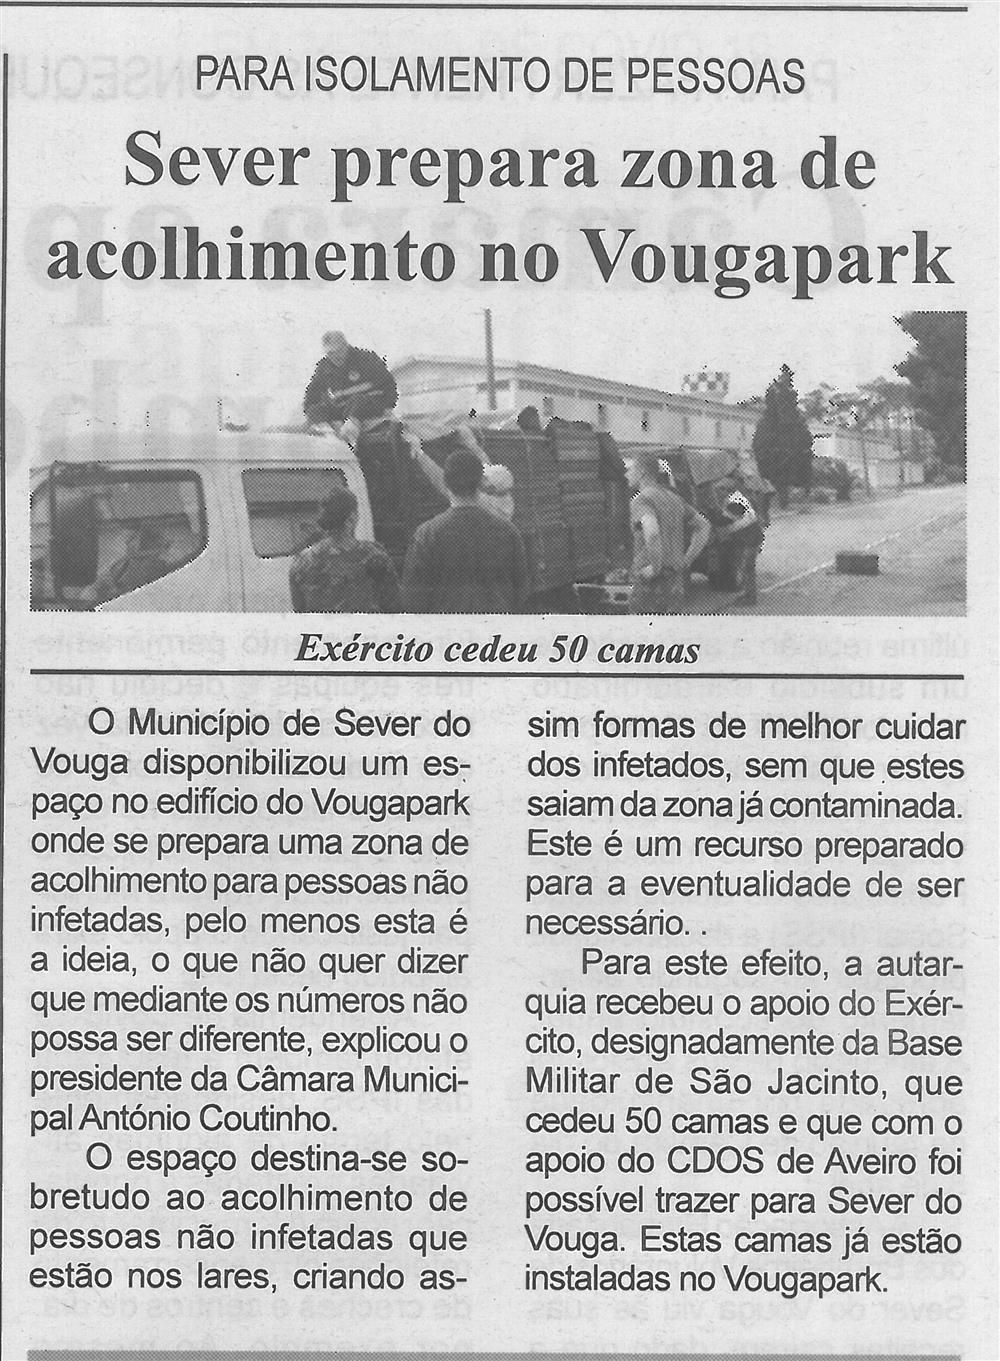 BV-2.ªabr.'20-p.4-Sever prepara zona de acolhimento no VougaPark para isolamento de pessoas : Exército cedeu 50 camas.jpg